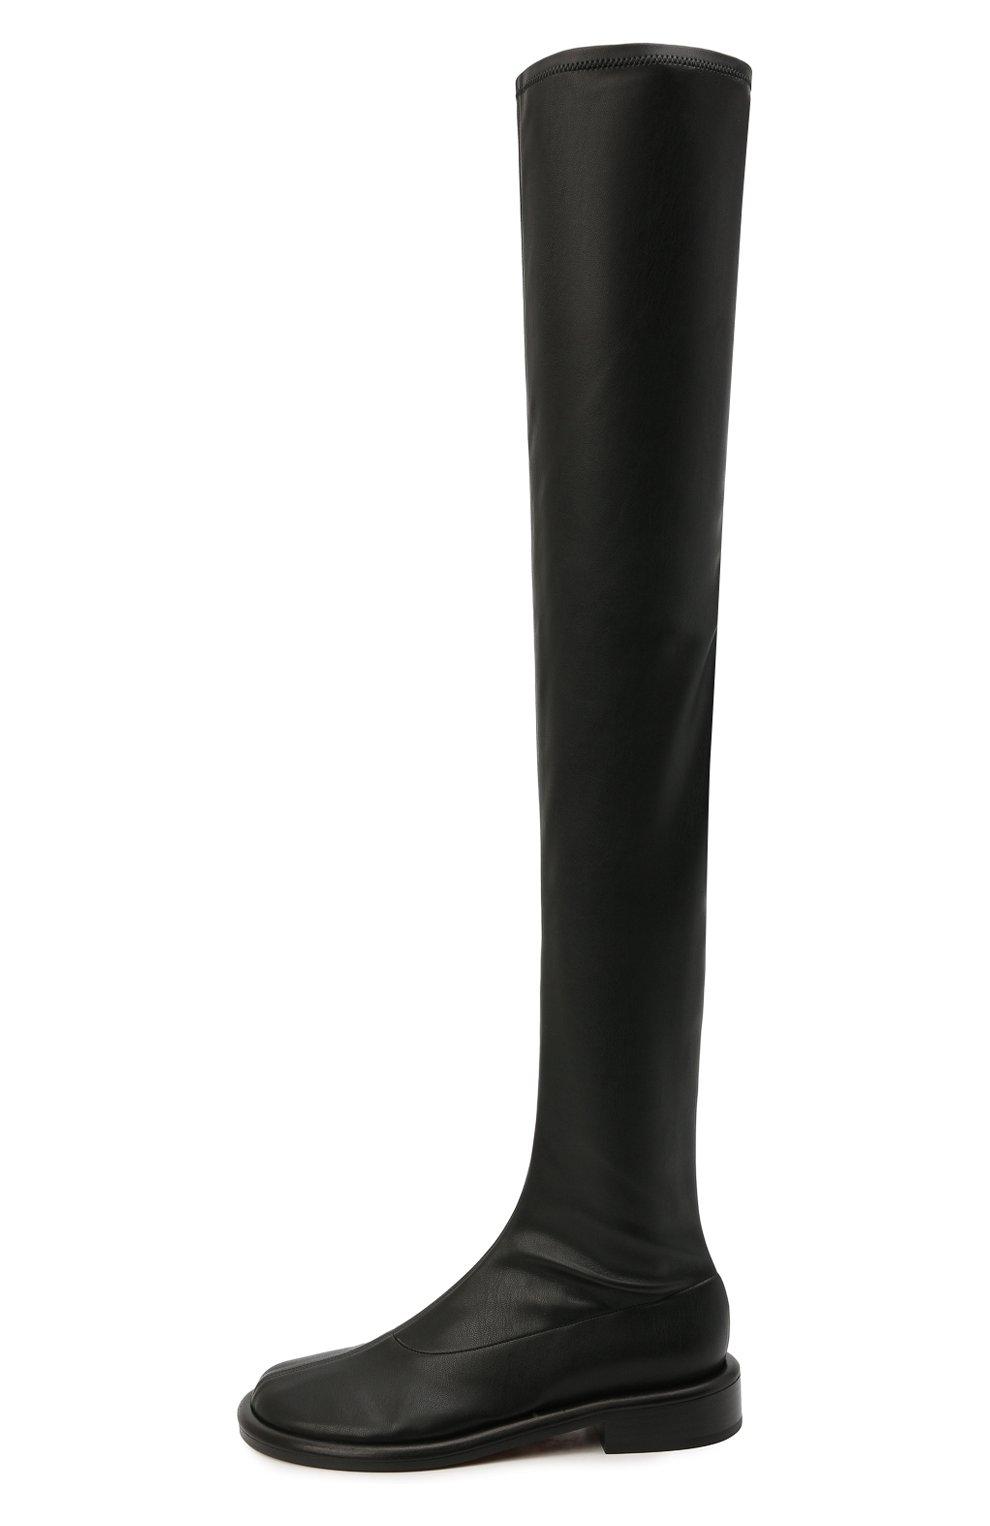 Женские комбинированные ботфорты PROENZA SCHOULER черного цвета, арт. PS36004B/13050 | Фото 3 (Материал внешний: Экокожа, Текстиль; Каблук высота: Низкий; Высота голенища: Высокие; Материал внутренний: Натуральная кожа; Каблук тип: Устойчивый; Подошва: Плоская)